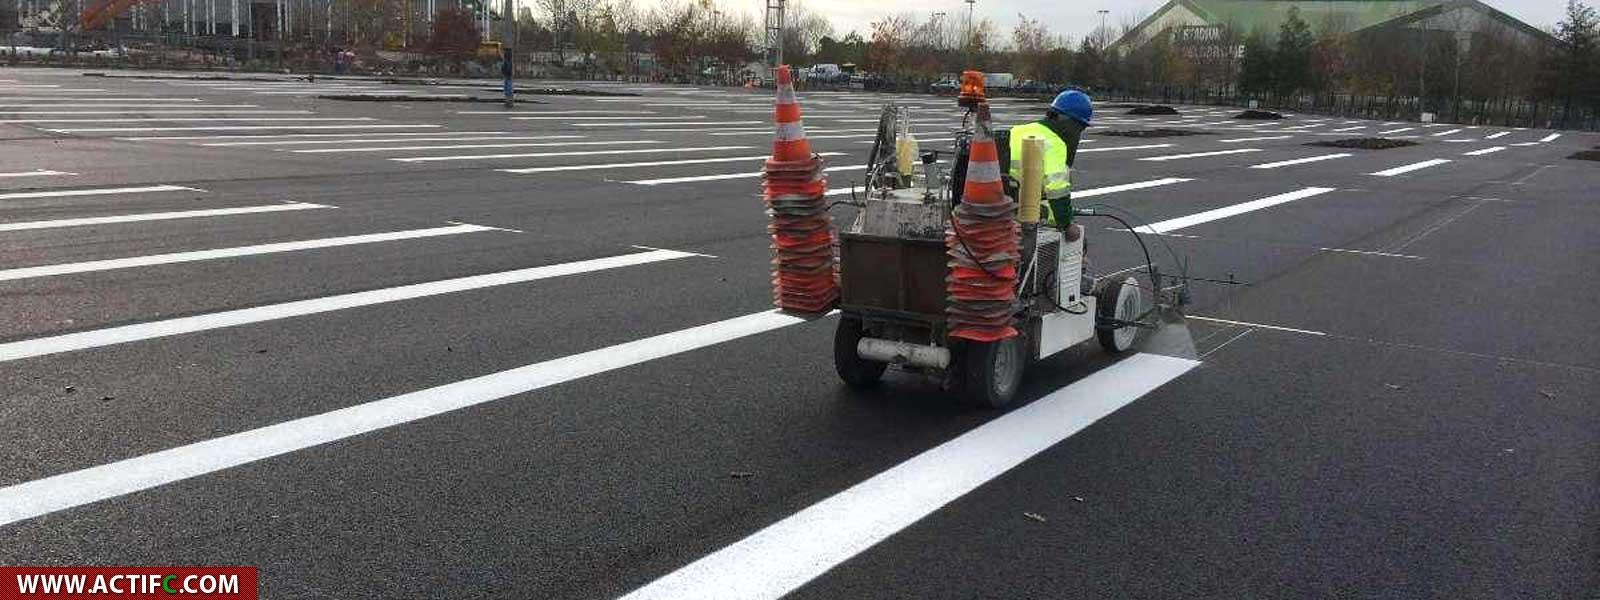 Traçage routier et signalisation horizontale